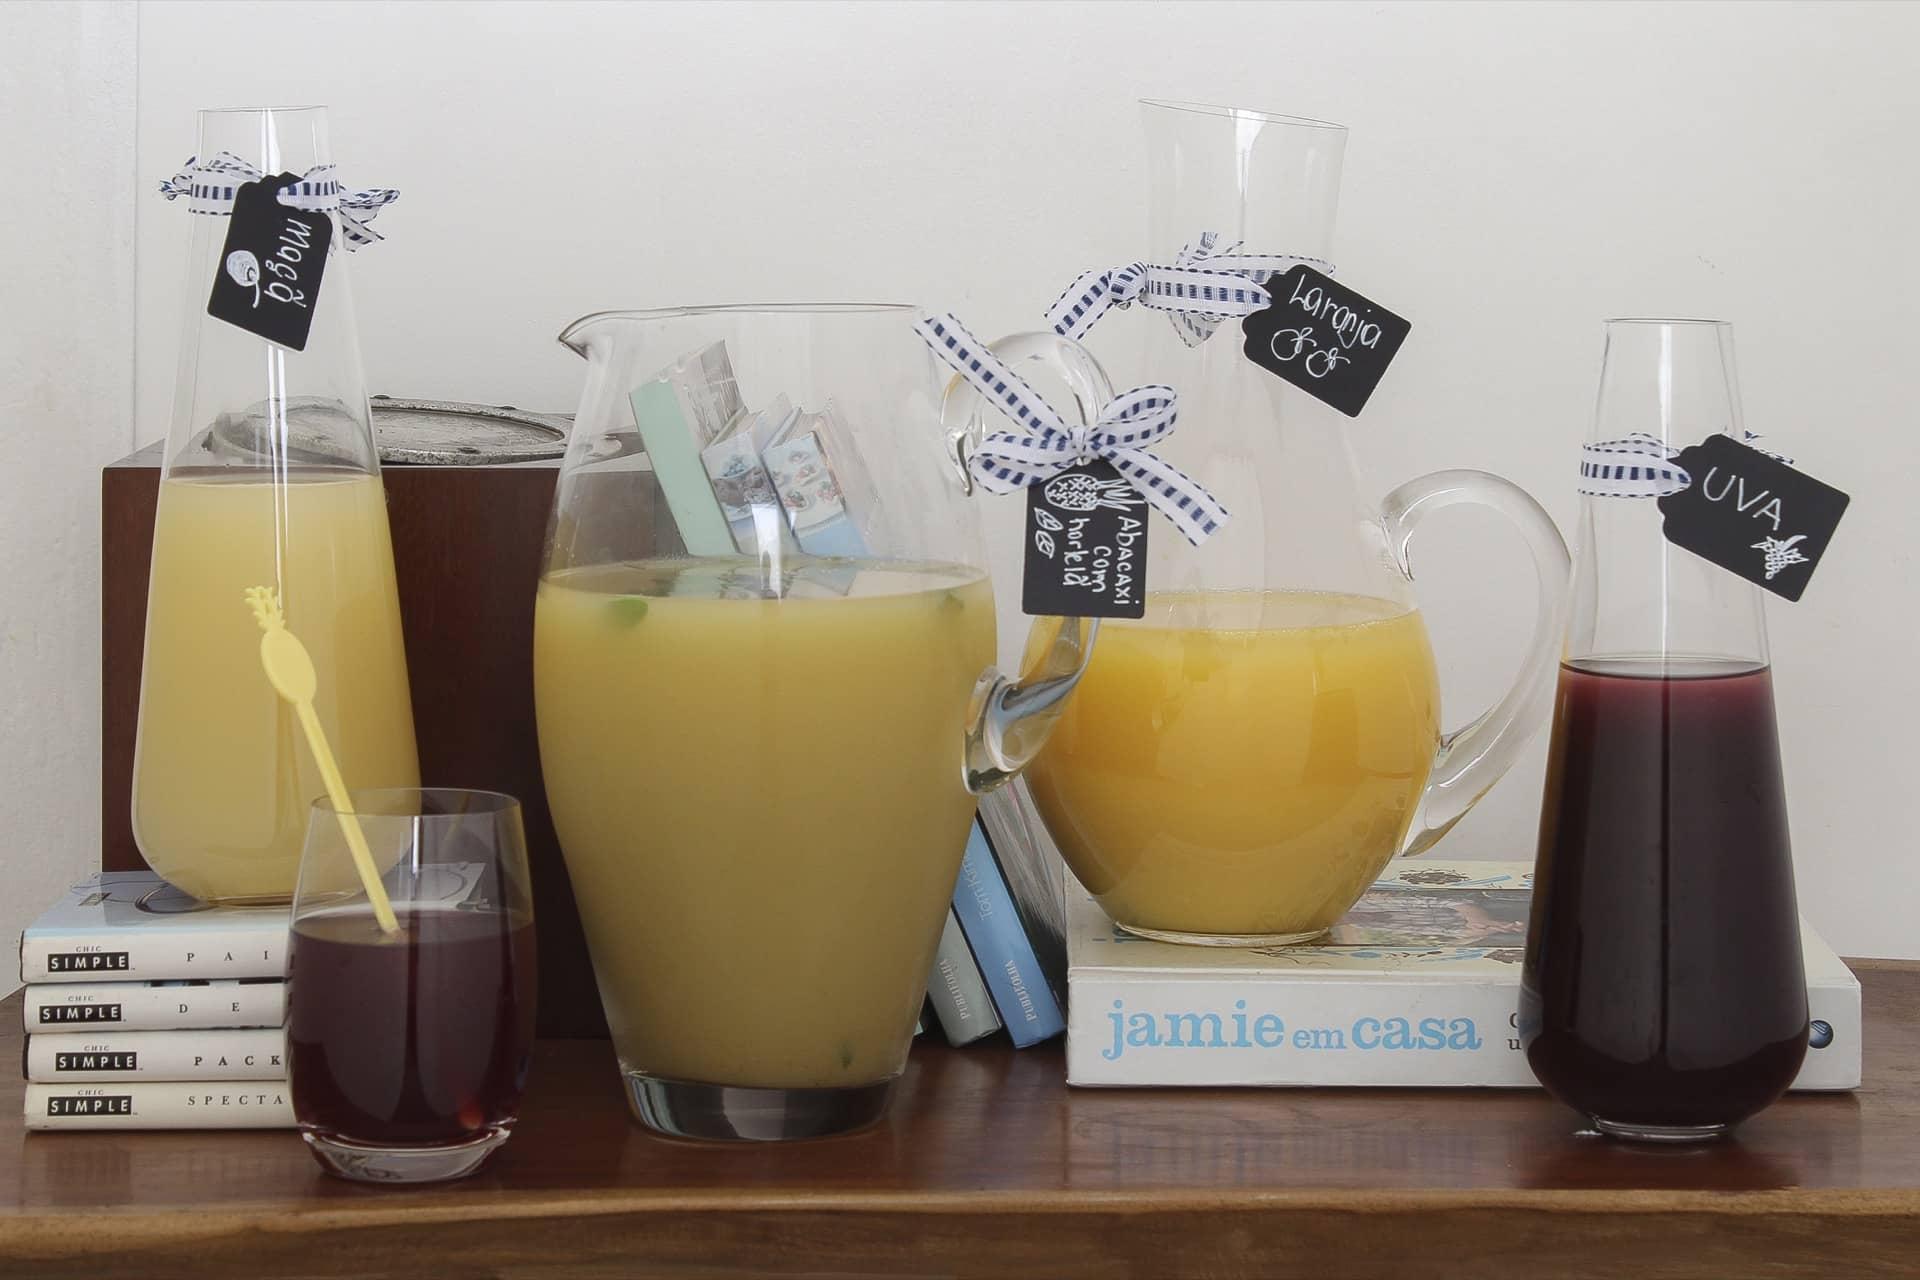 Imagem: Aqui, você confere o resultado final das etiquetas para identificar sucos. Foto: Cacá Bratke.